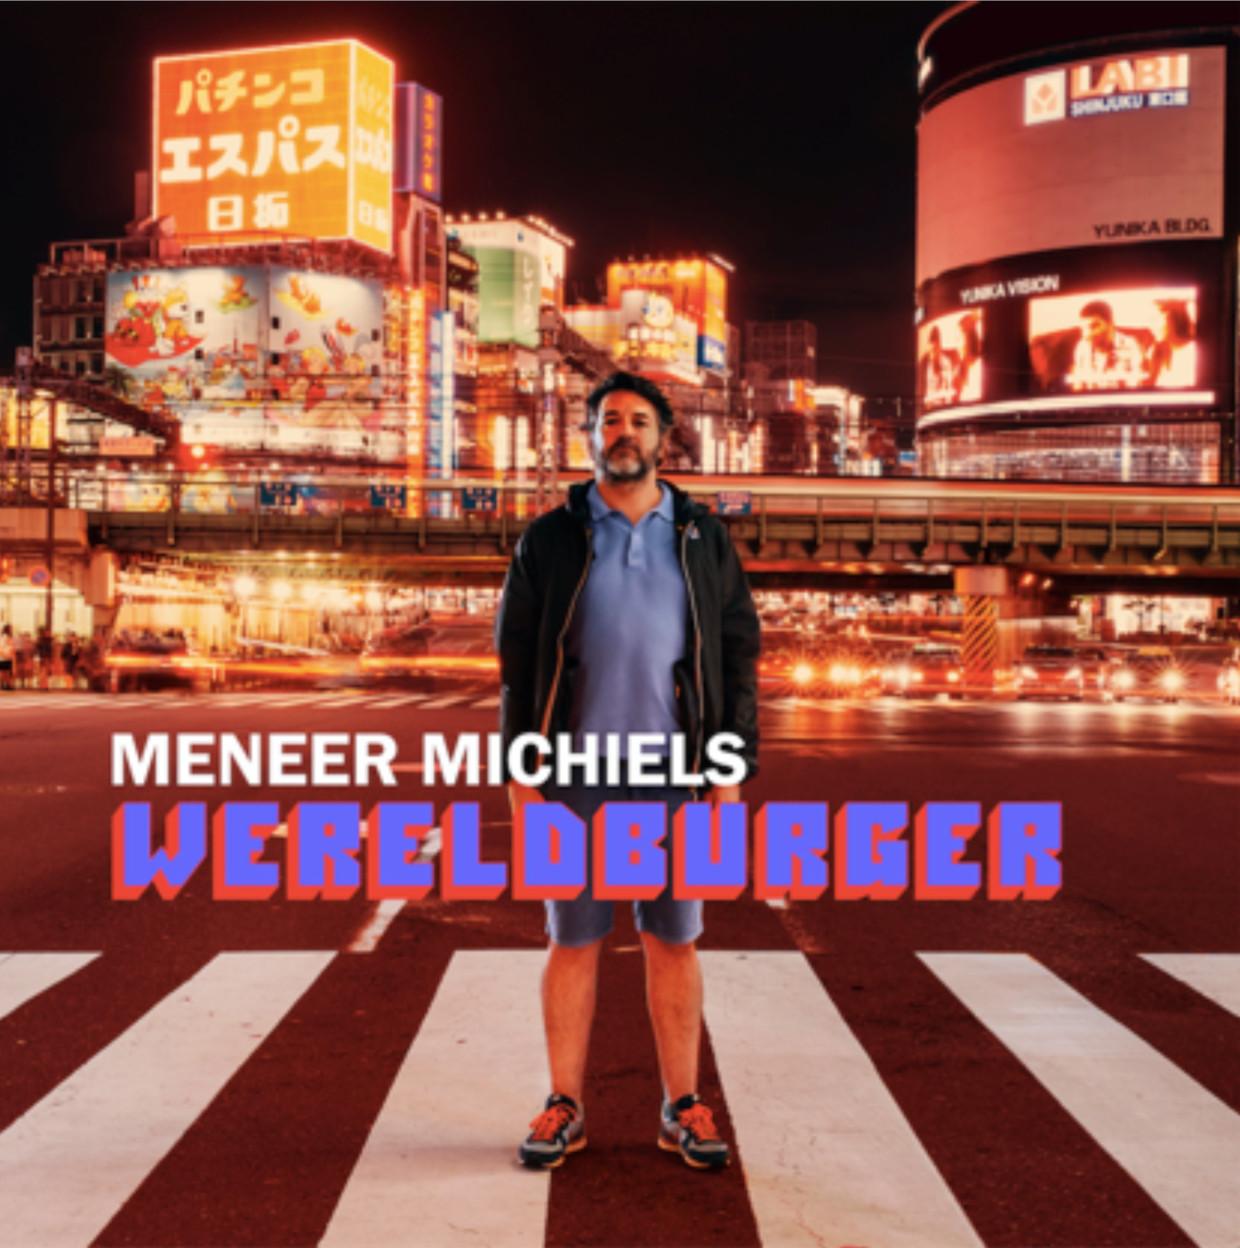 'Wereldburger' Beeld Meneer Michiels